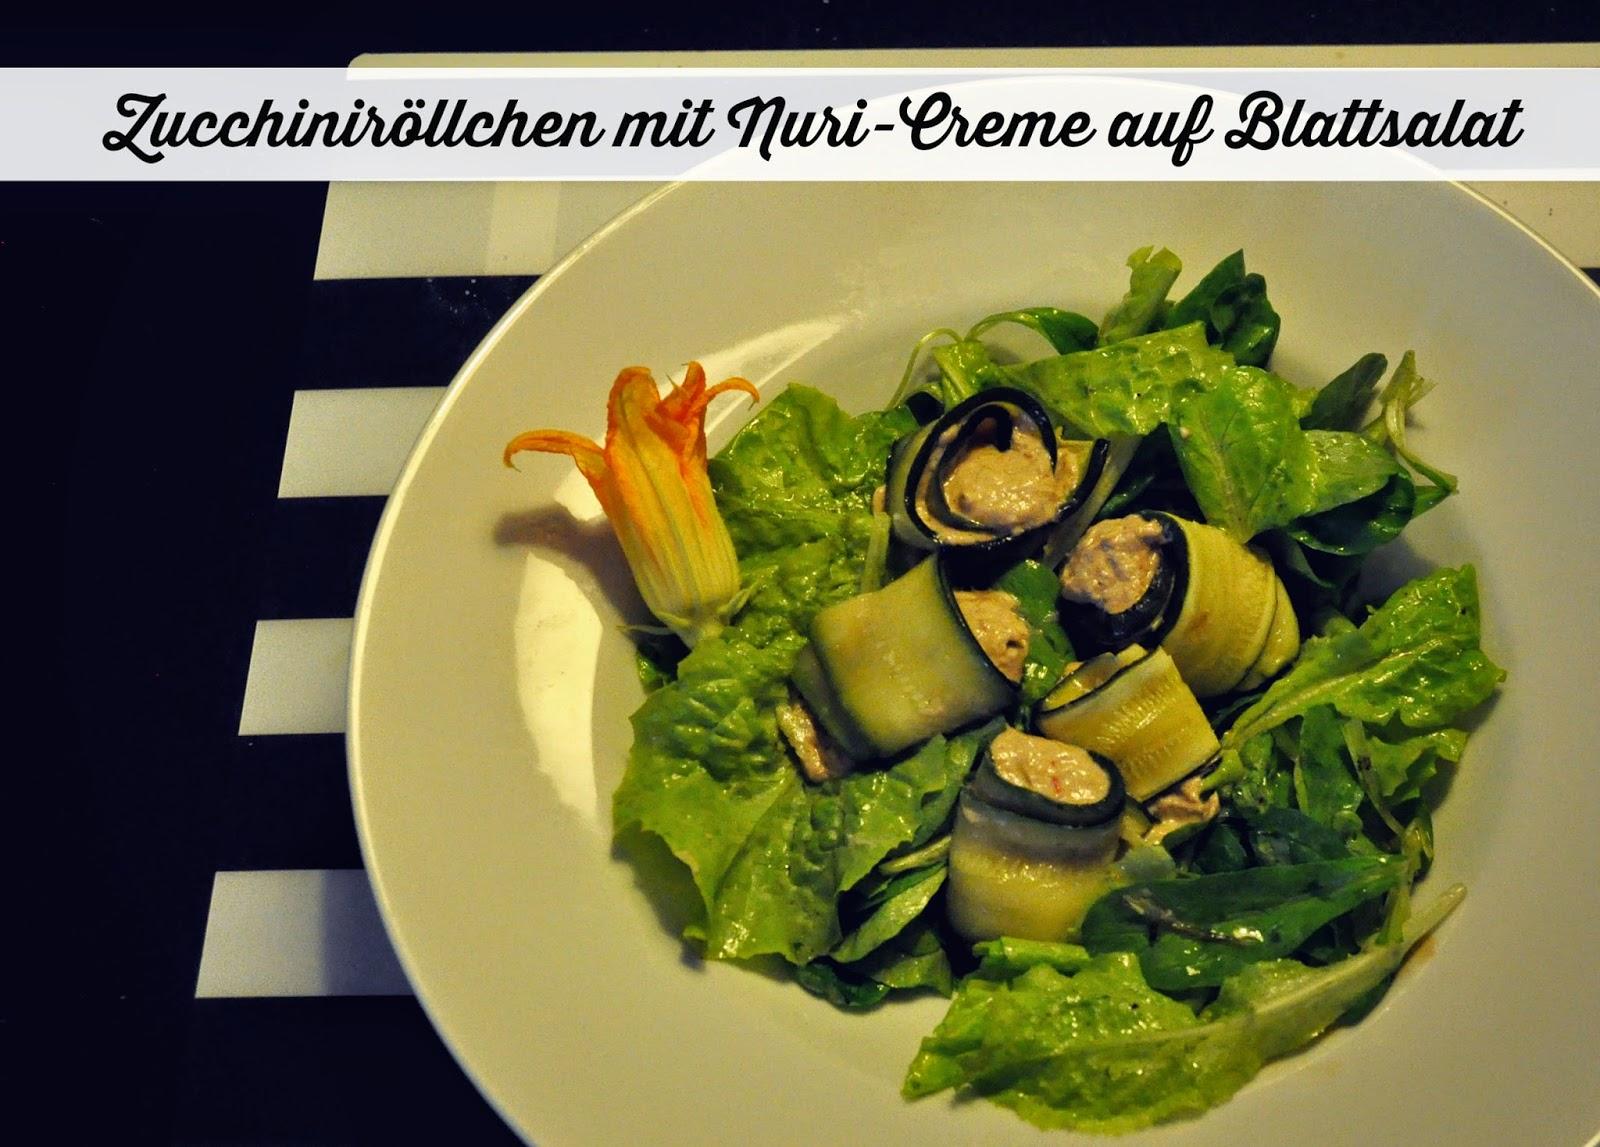 low carb zucchinir llchen mit nuri creme gewinnspiel superzisch. Black Bedroom Furniture Sets. Home Design Ideas